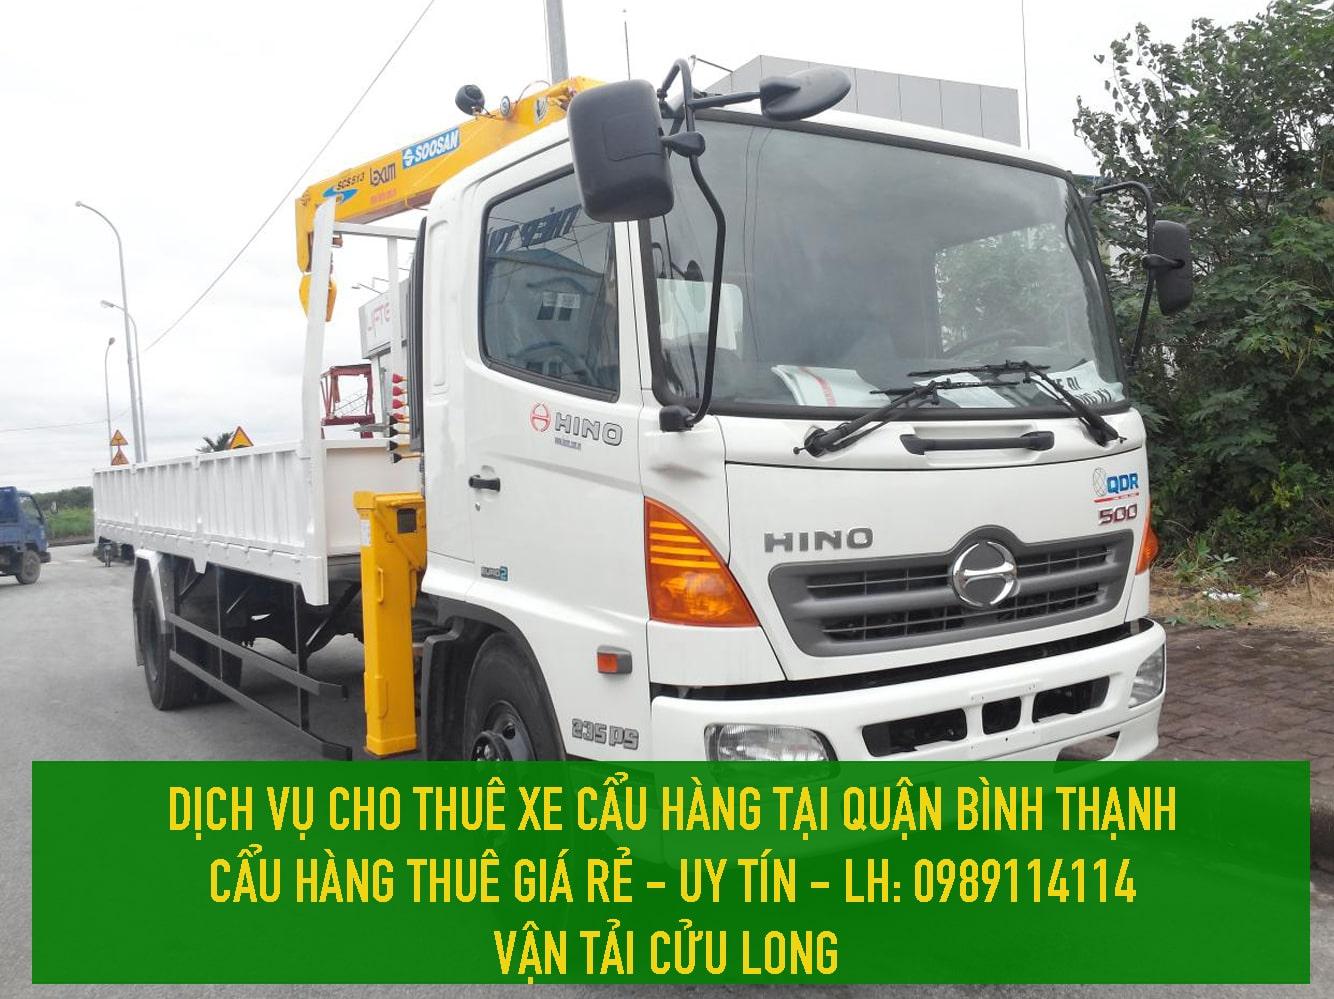 Dịch vụ cho thuê xe cẩu hàng giá rẻ Quận Bình Thạnh – 0989114114